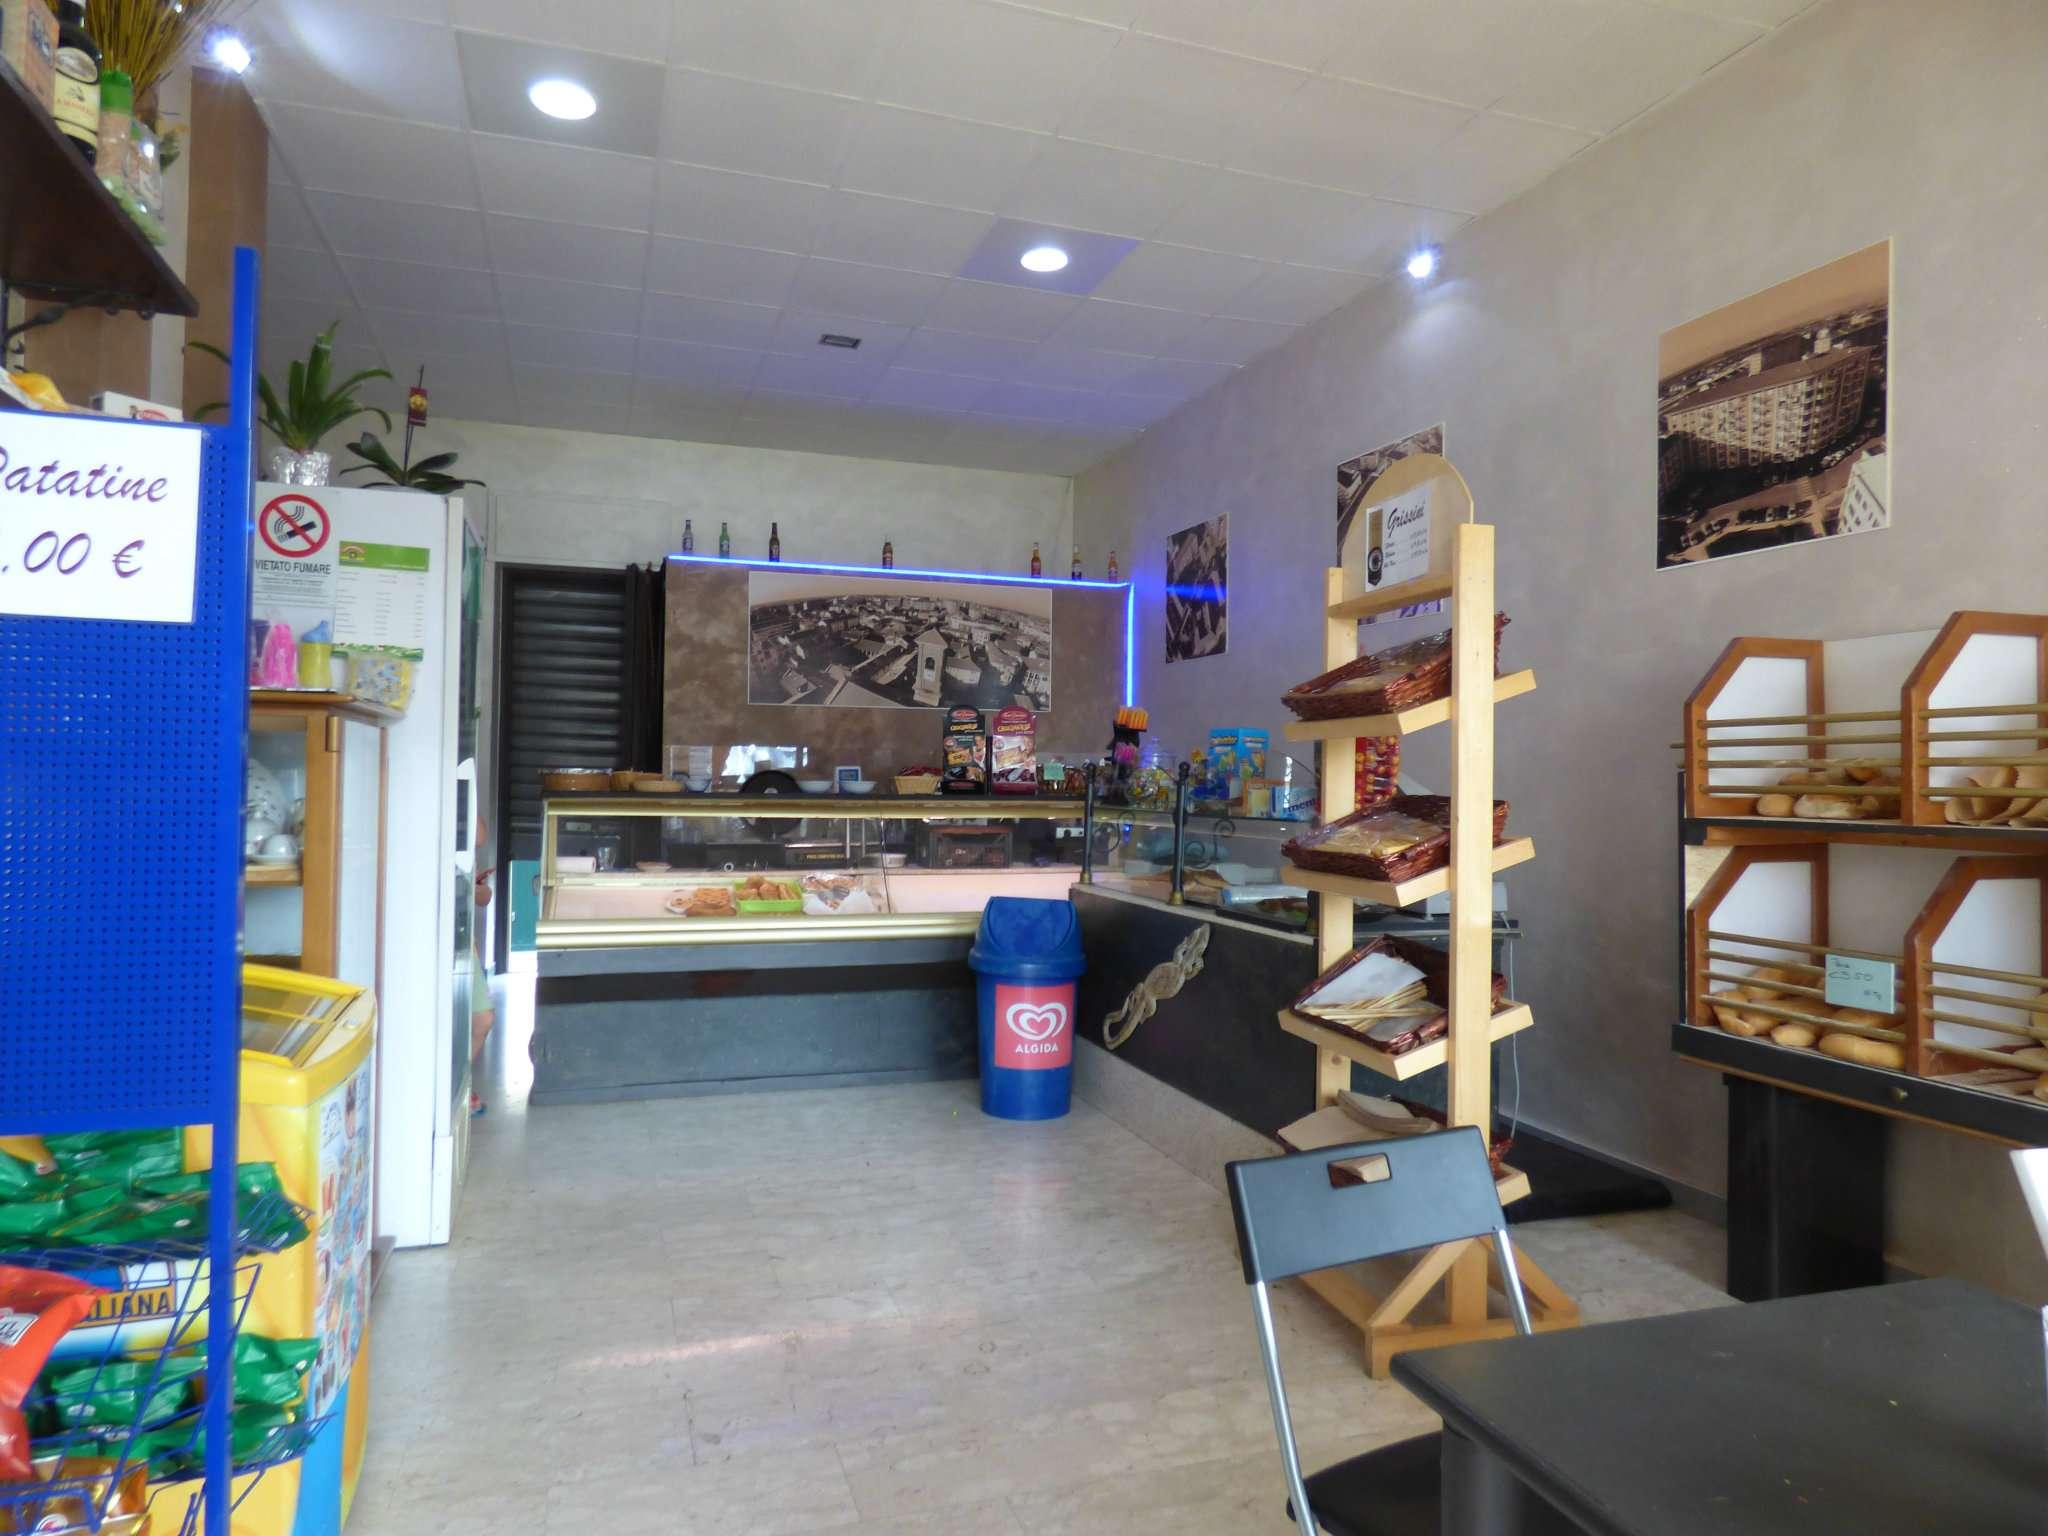 Foto - Attivita' Commerciale In Vendita Borgaro Torinese